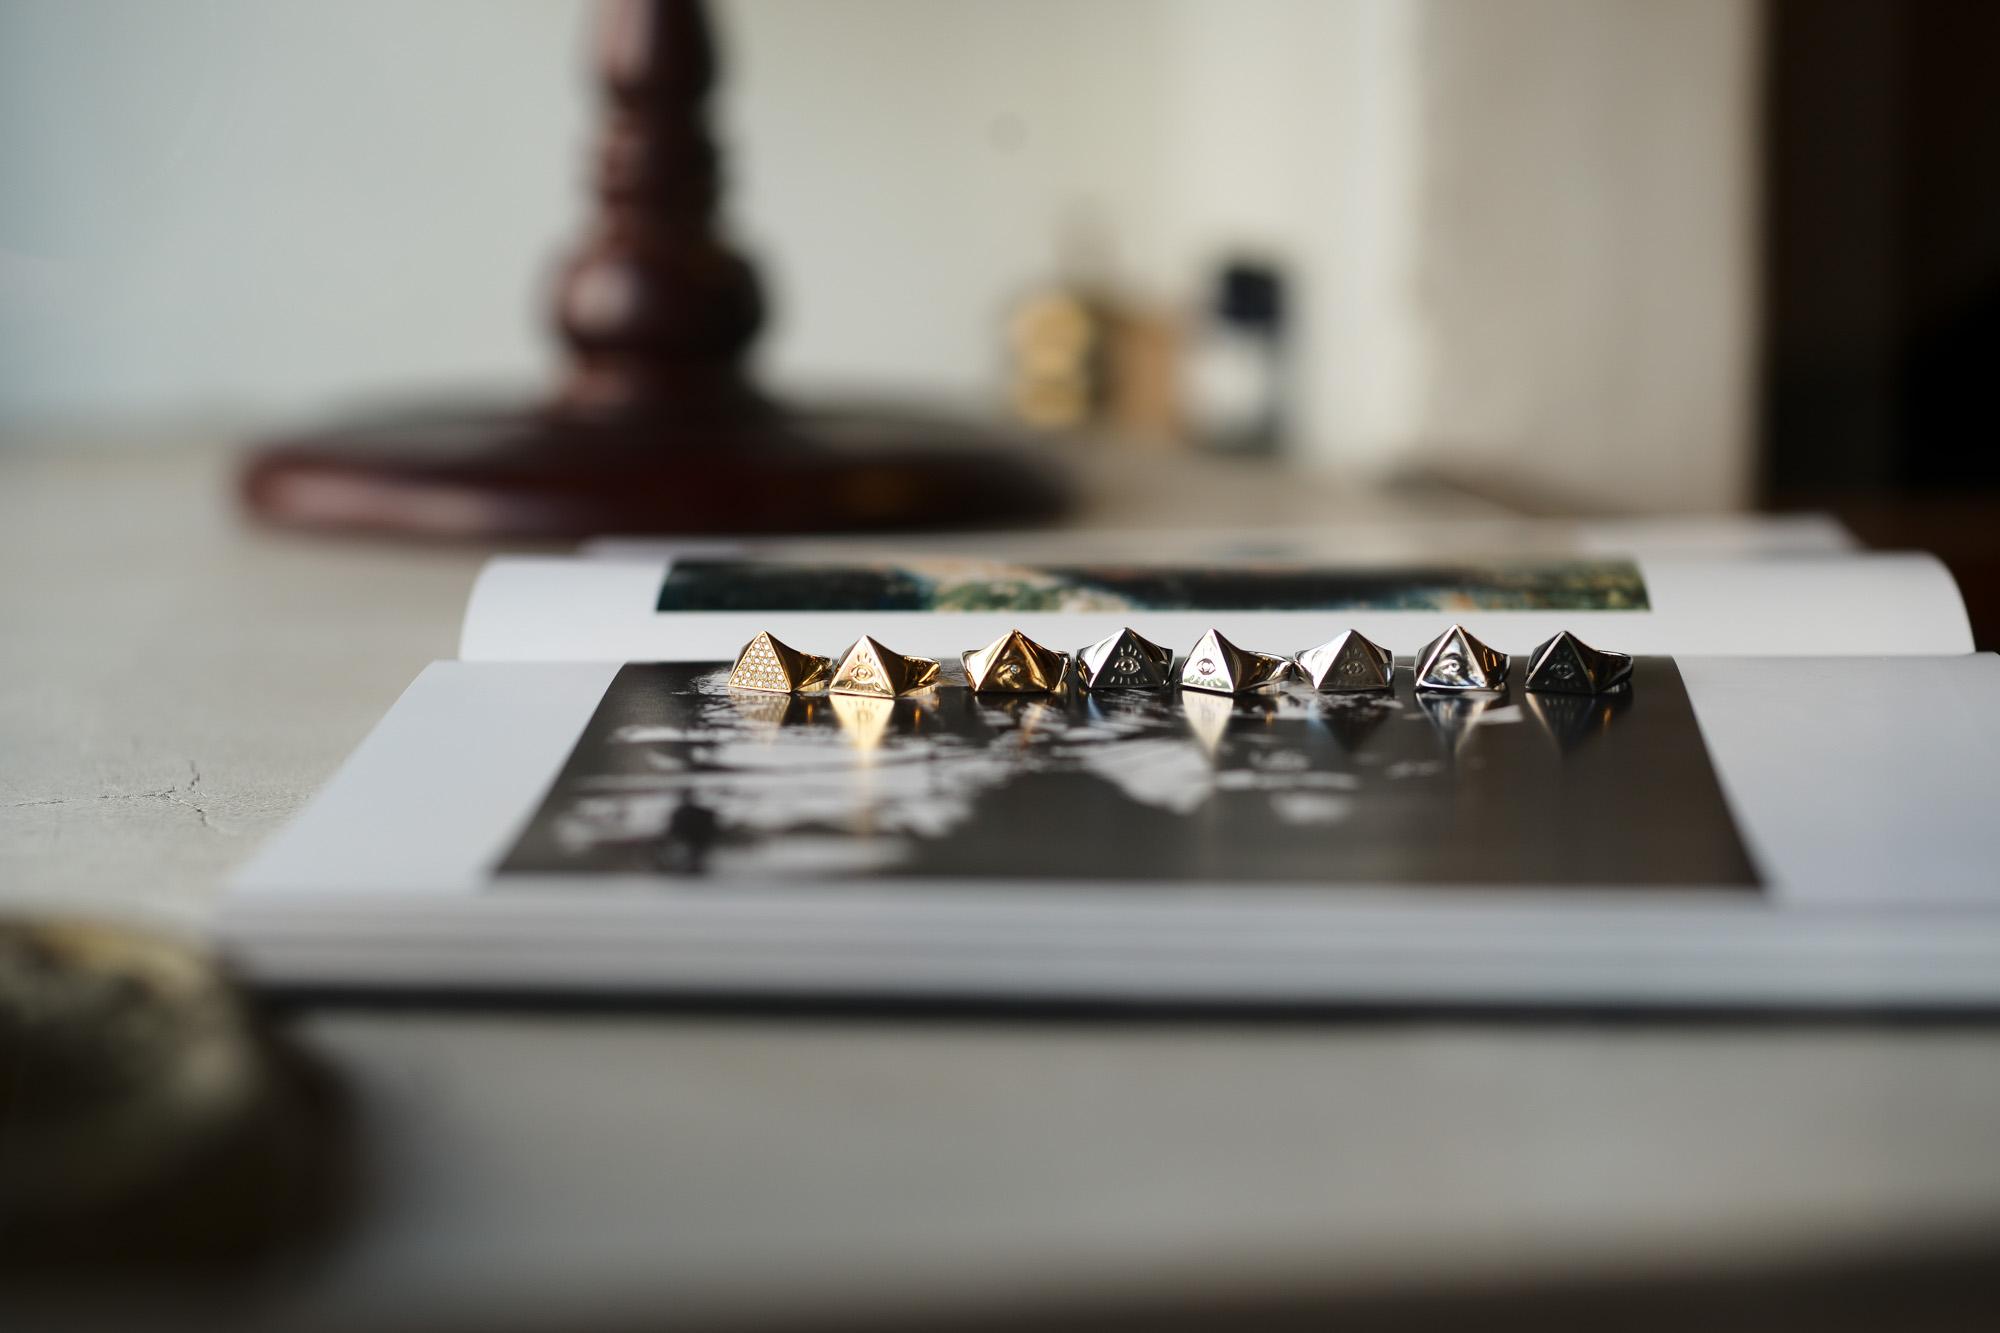 """FIXER """"ILLUMINATI EYES RING FULL PAVE WHITE DIAMOND 22K GOLD"""" × FIXER """"ILLUMINATI EYES RING 18K GOLD"""" × FIXER """"ILLUMINATI EYES RING WHITE DIAMOND 18K GOLD SP"""" × FIXER """"ILLUMINATI EYES RING PLATINUM PT 950"""" × FIXER """"ILLUMINATI EYES RING 18K WHITE GOLD"""" × FIXER """"ILLUMINATI EYES RING 925 STERLING SILVER"""" × FIXER """"ILLUMINATI EYES RING 925 STERLING SILVER SP"""" × FIXER """"ILLUMINATI EYES RING BLACK RHODIUM フィクサー イルミナティ アイズリング 22Kゴールド 18Kゴールド プラチナ 18Kホワイトゴールド 925シルバー 愛知 名古屋 Alto e Diritto アルトエデリット スペシャルリング"""